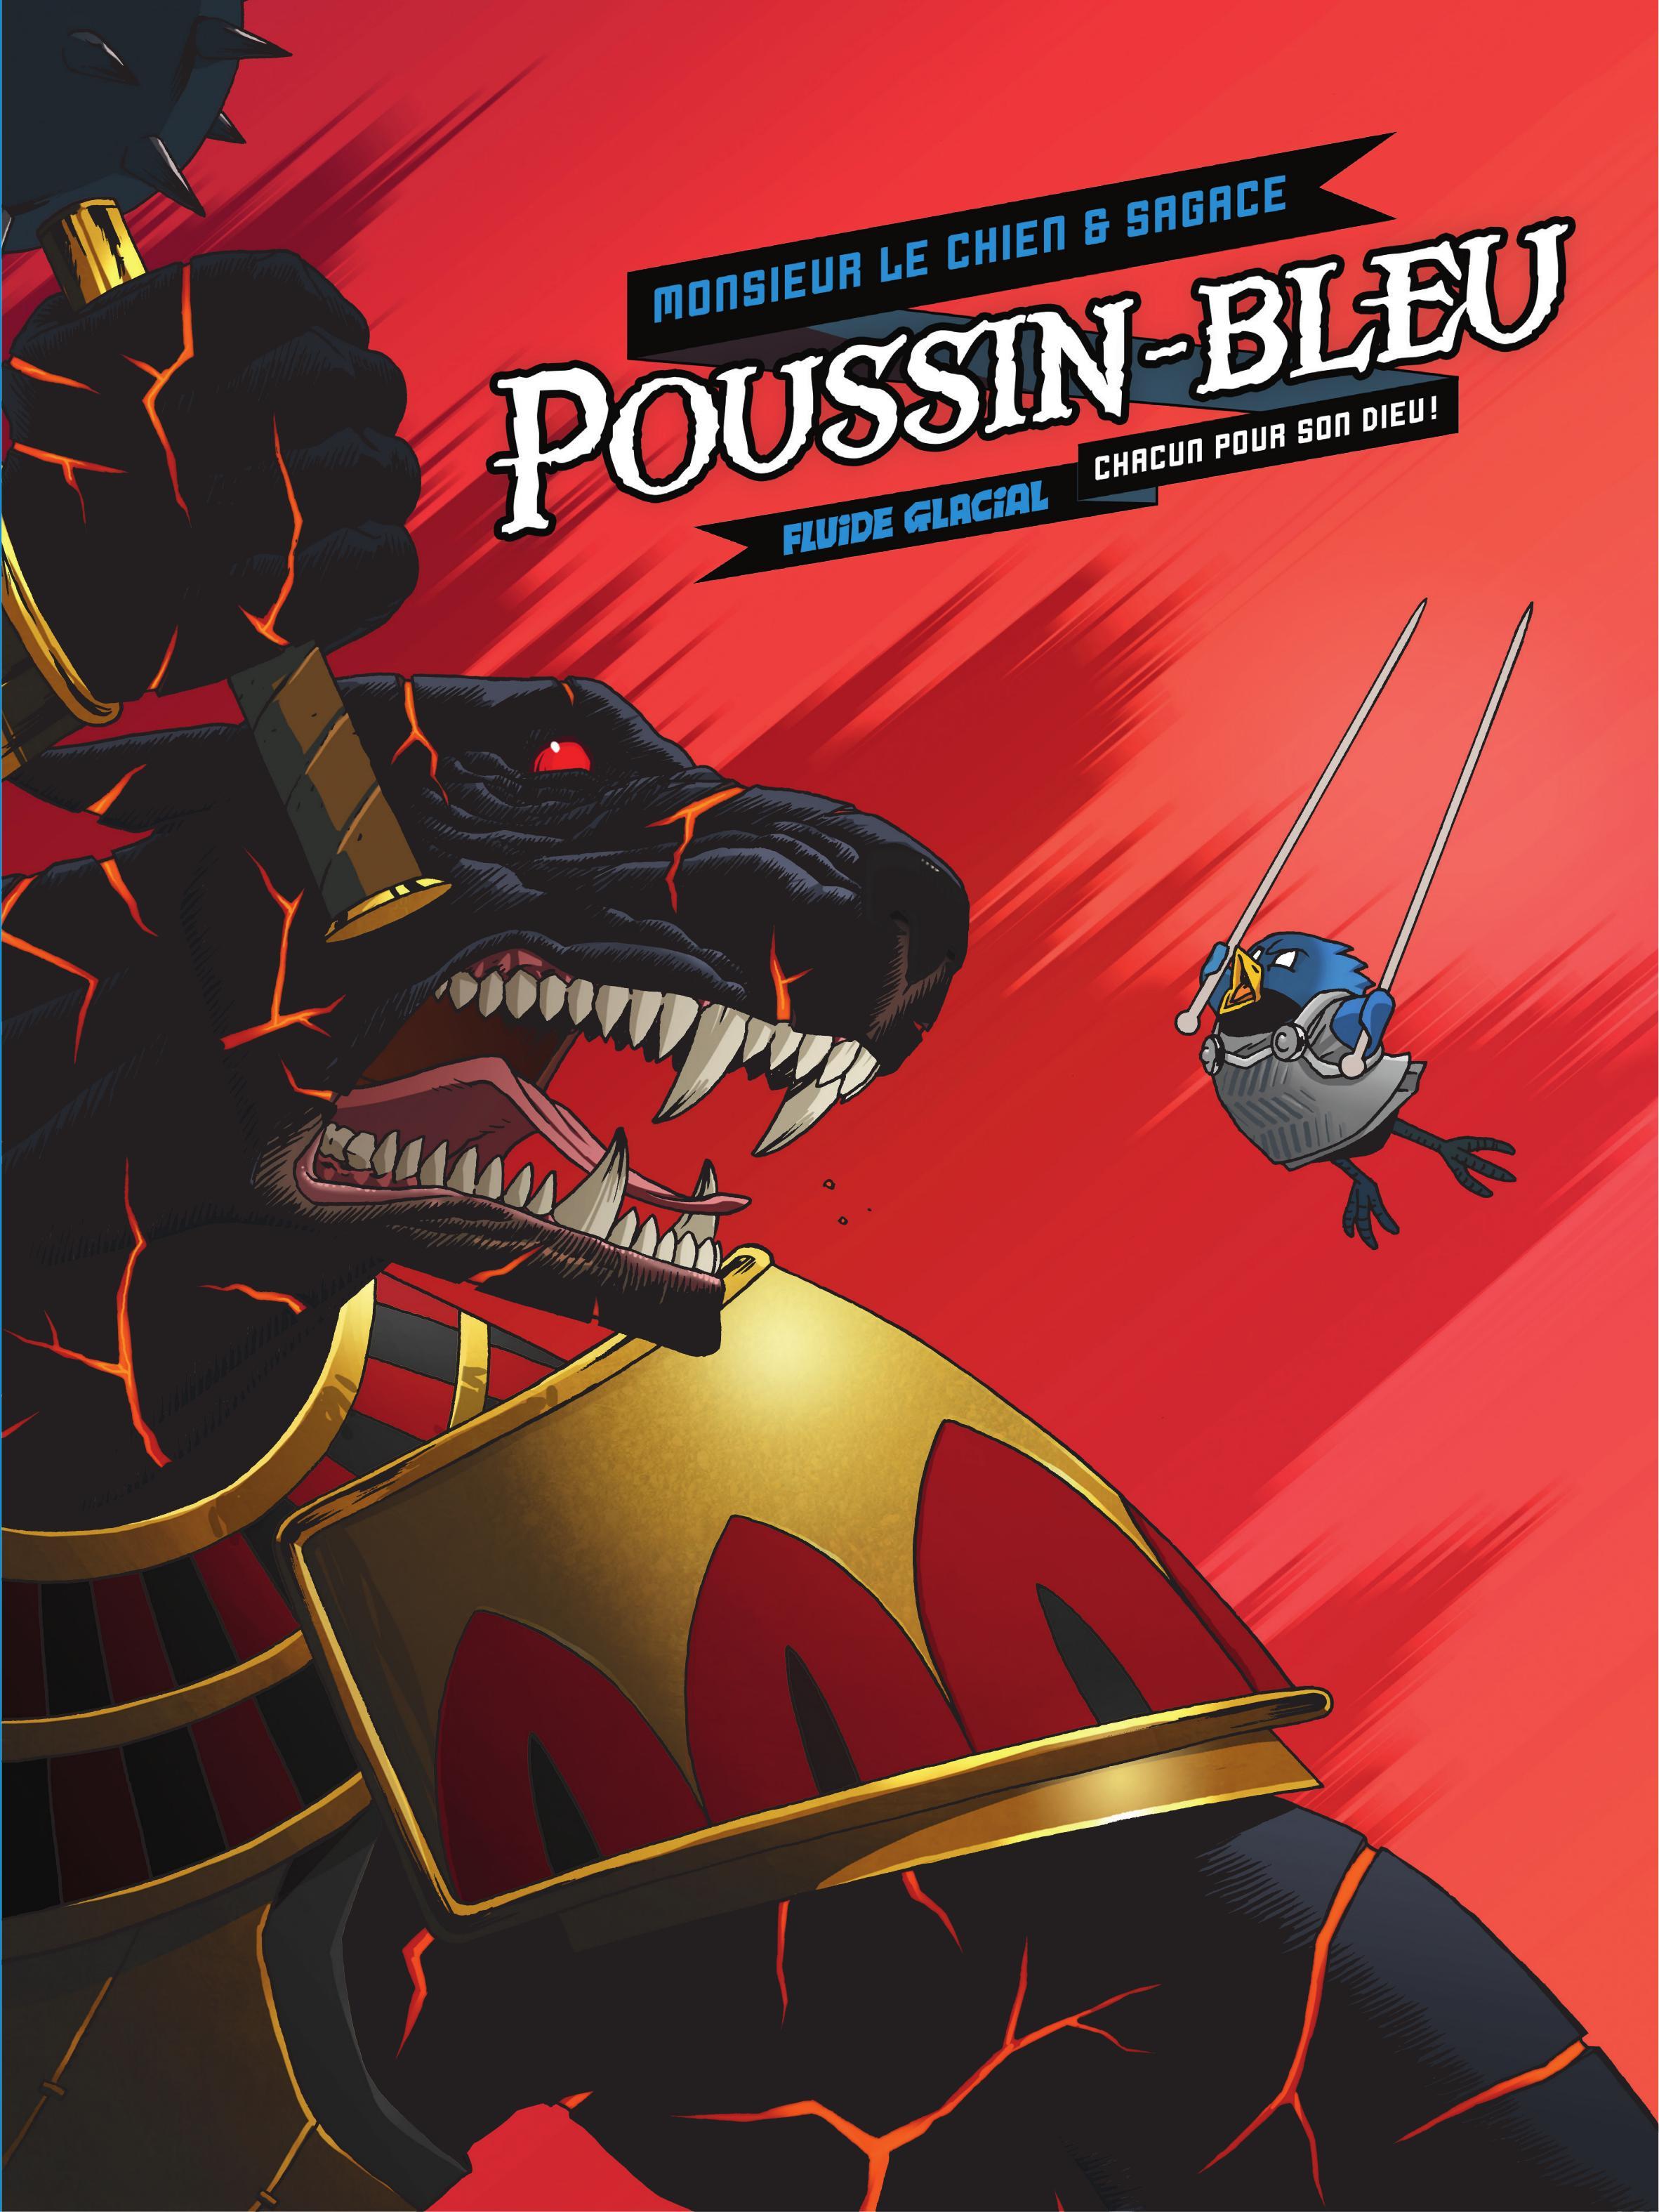 Poussin Bleu 2 - Chacun pour son dieu !